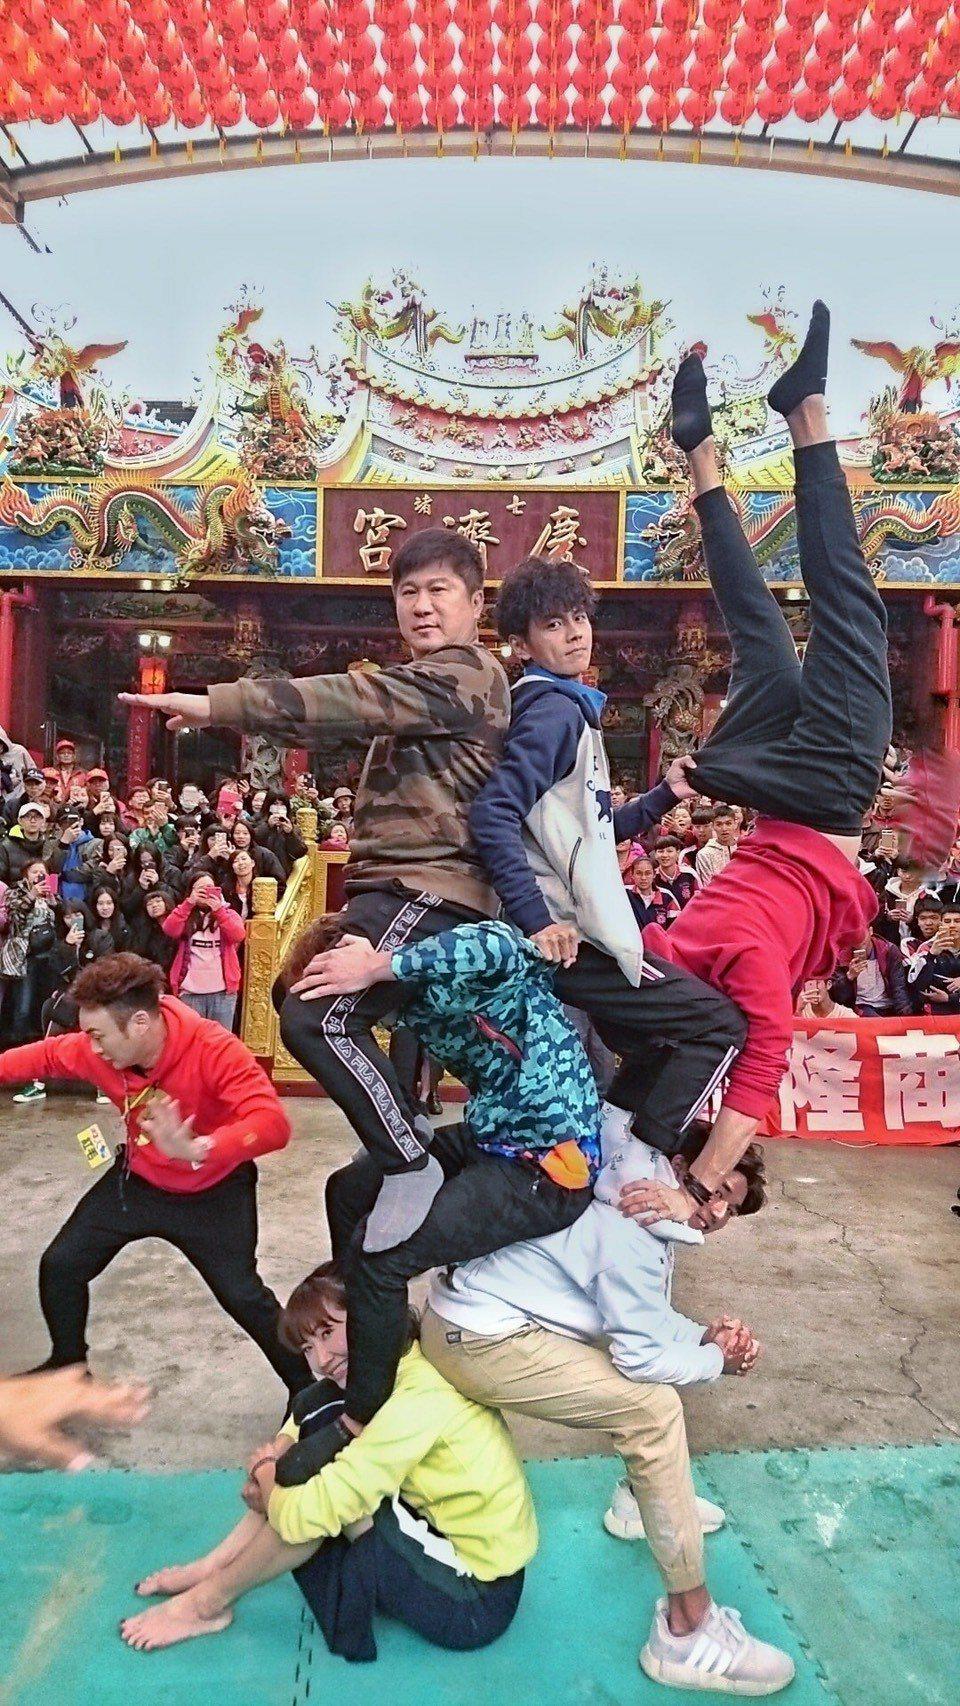 胡瓜(左上)新年開工就跟主持搭檔阿翔(上中)、謝忻(最底下坐者)一起玩疊羅漢,象